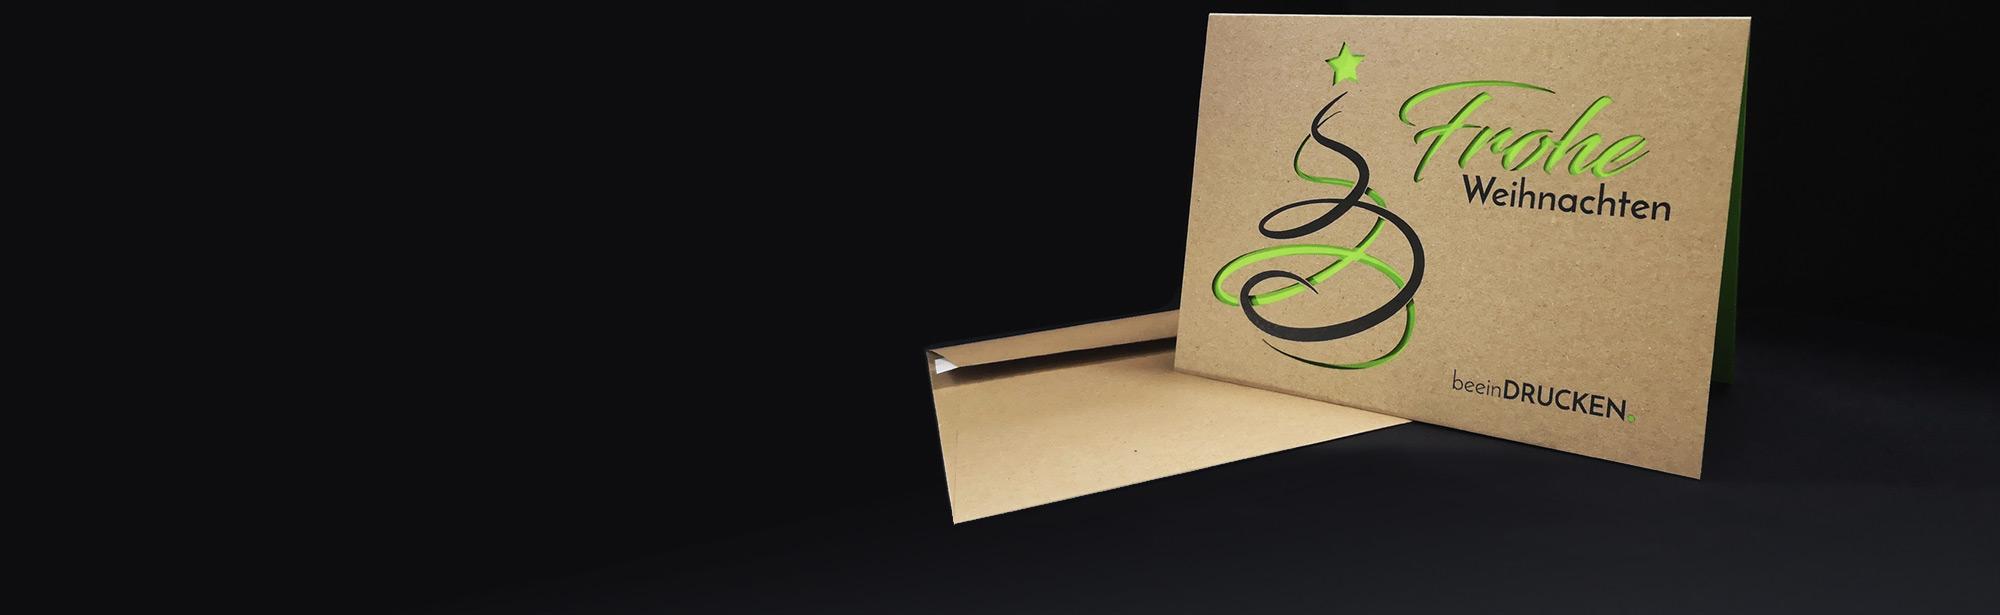 Beeindrucken Druckerei In Zug Luzern Und Online